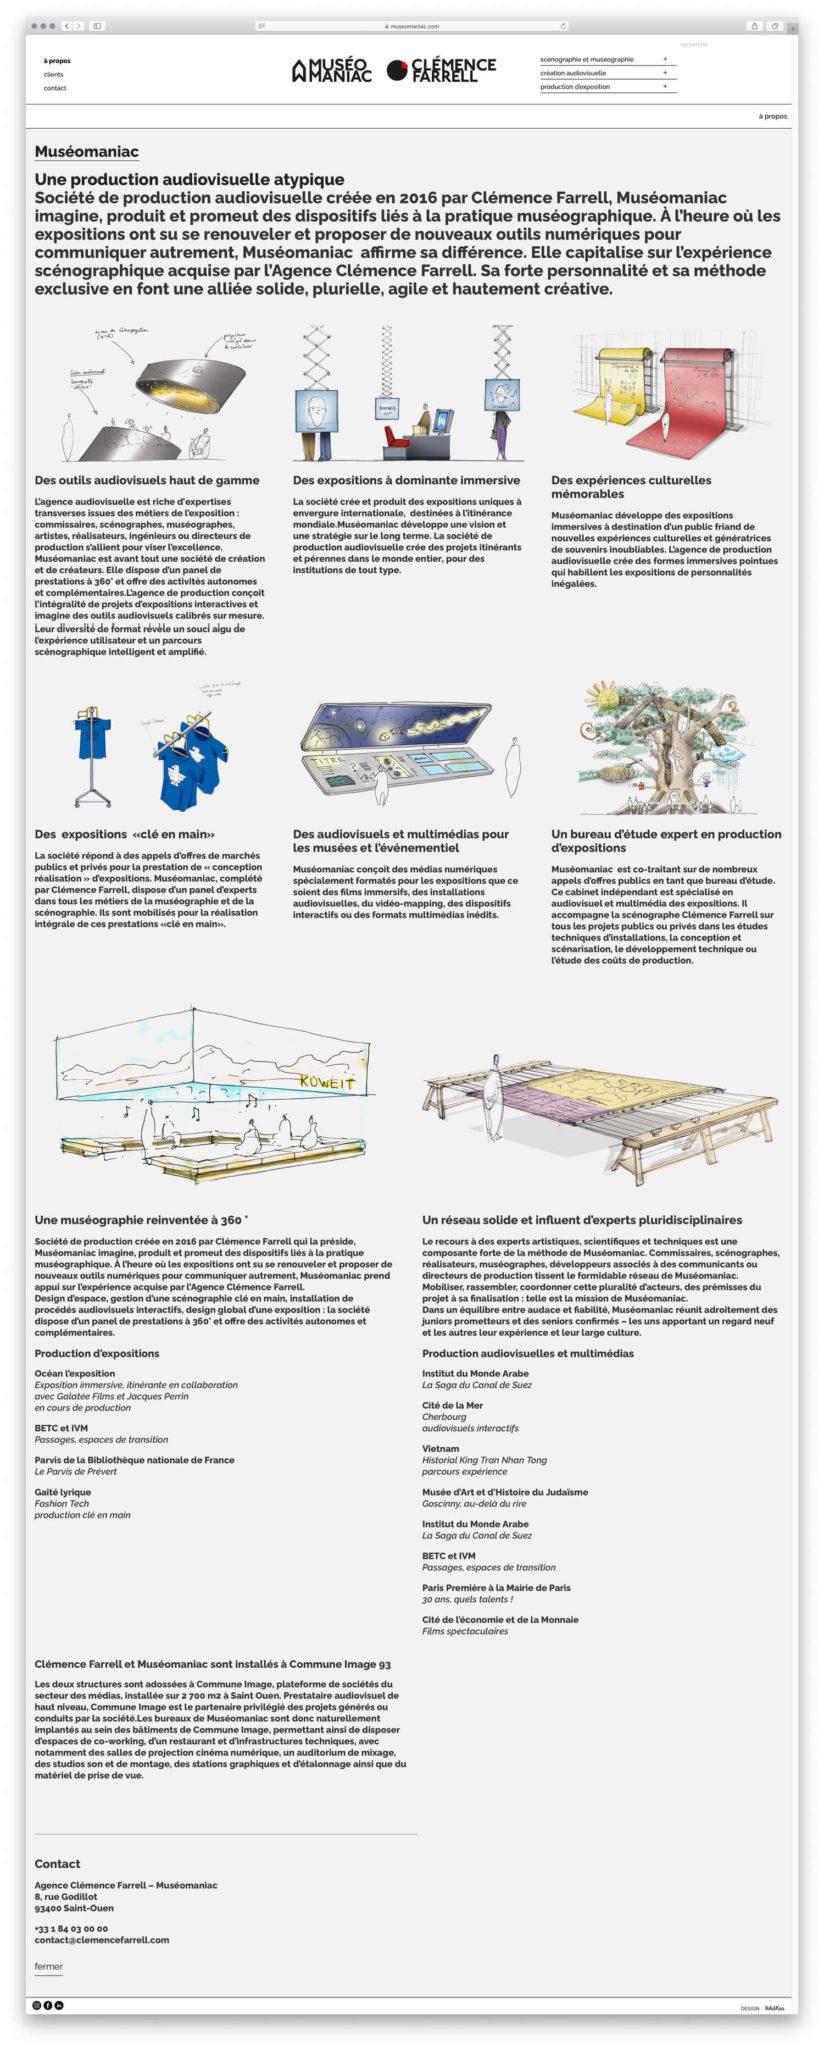 La page à propos presente la biographie de la scenographe Clémence Farrell ainsi que l'agence Muséomaniac, design IchetKar